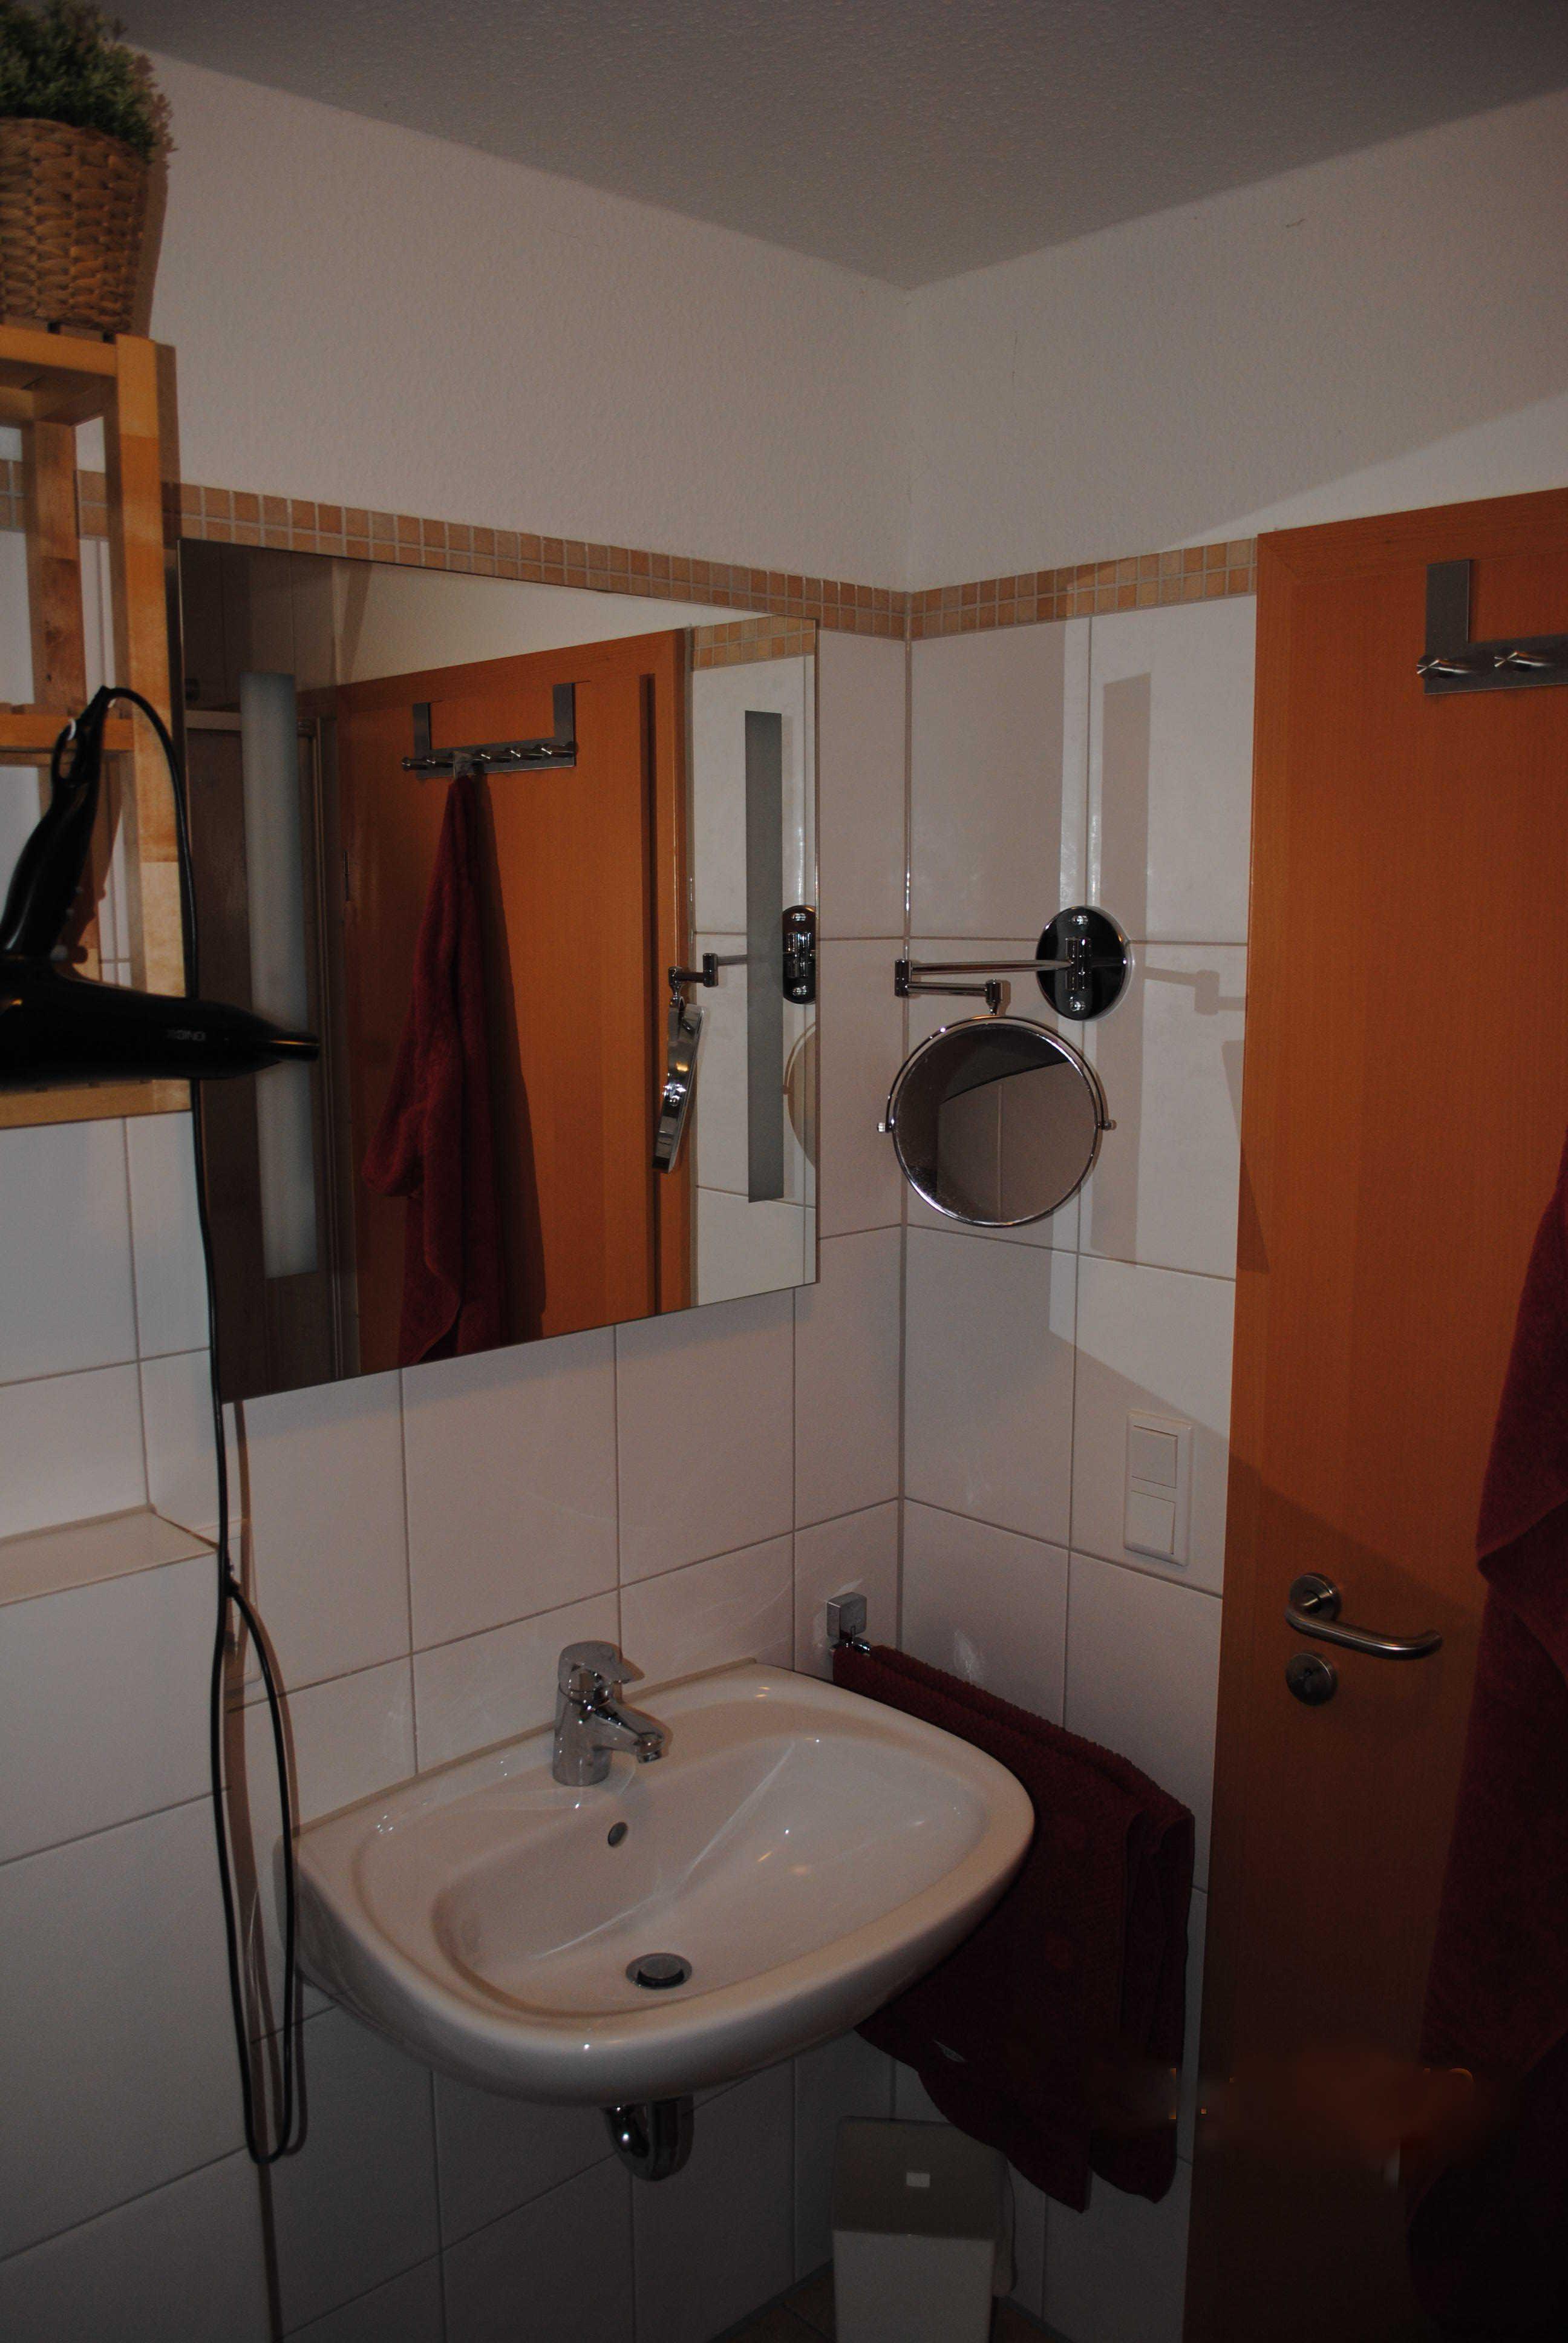 Waschbecken mit Kosmetikspiegel und Fön